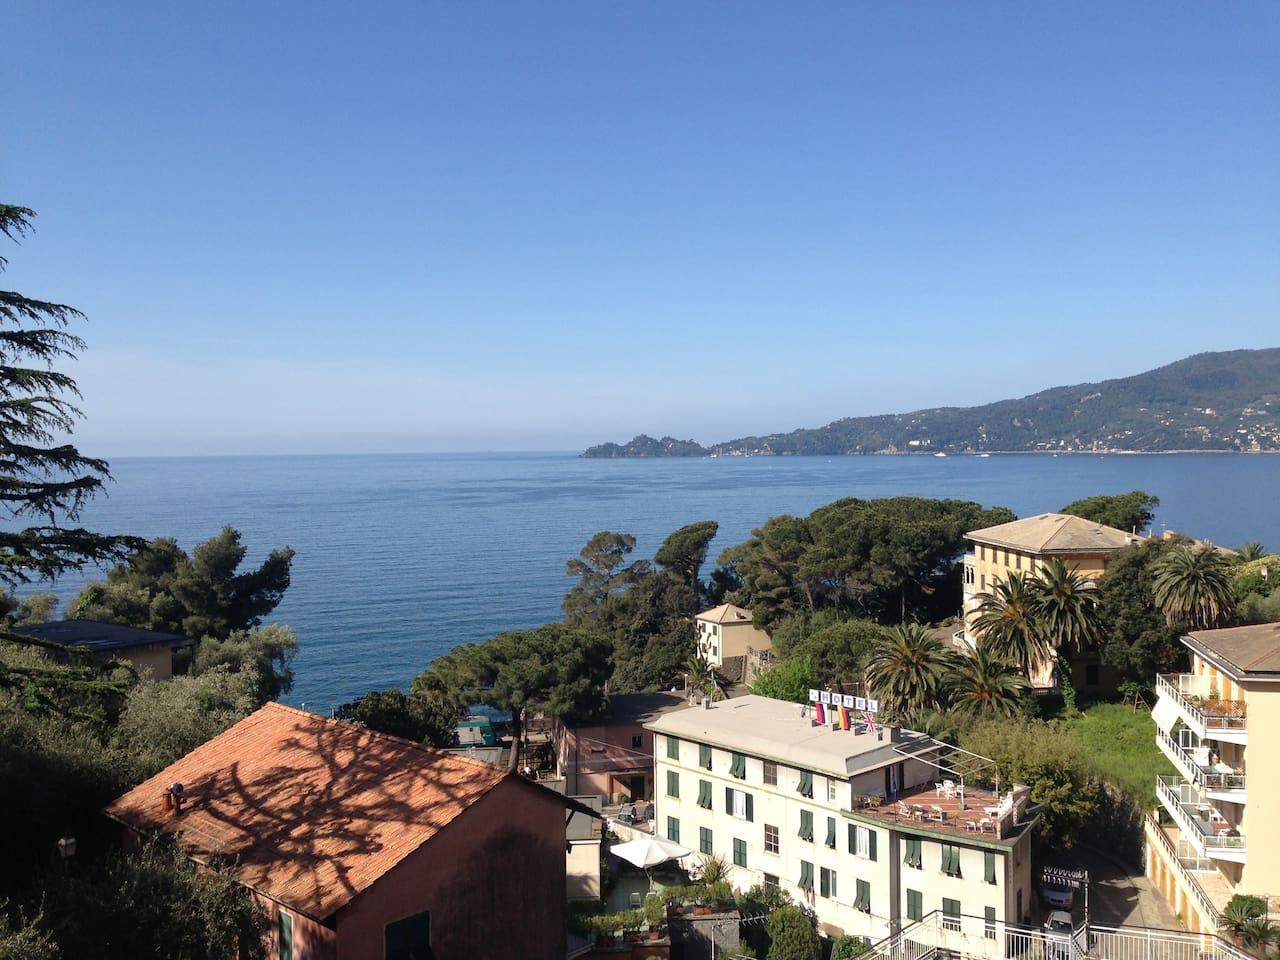 Splendida vista sul golfo di Portofino (Golfo del Tigullio)